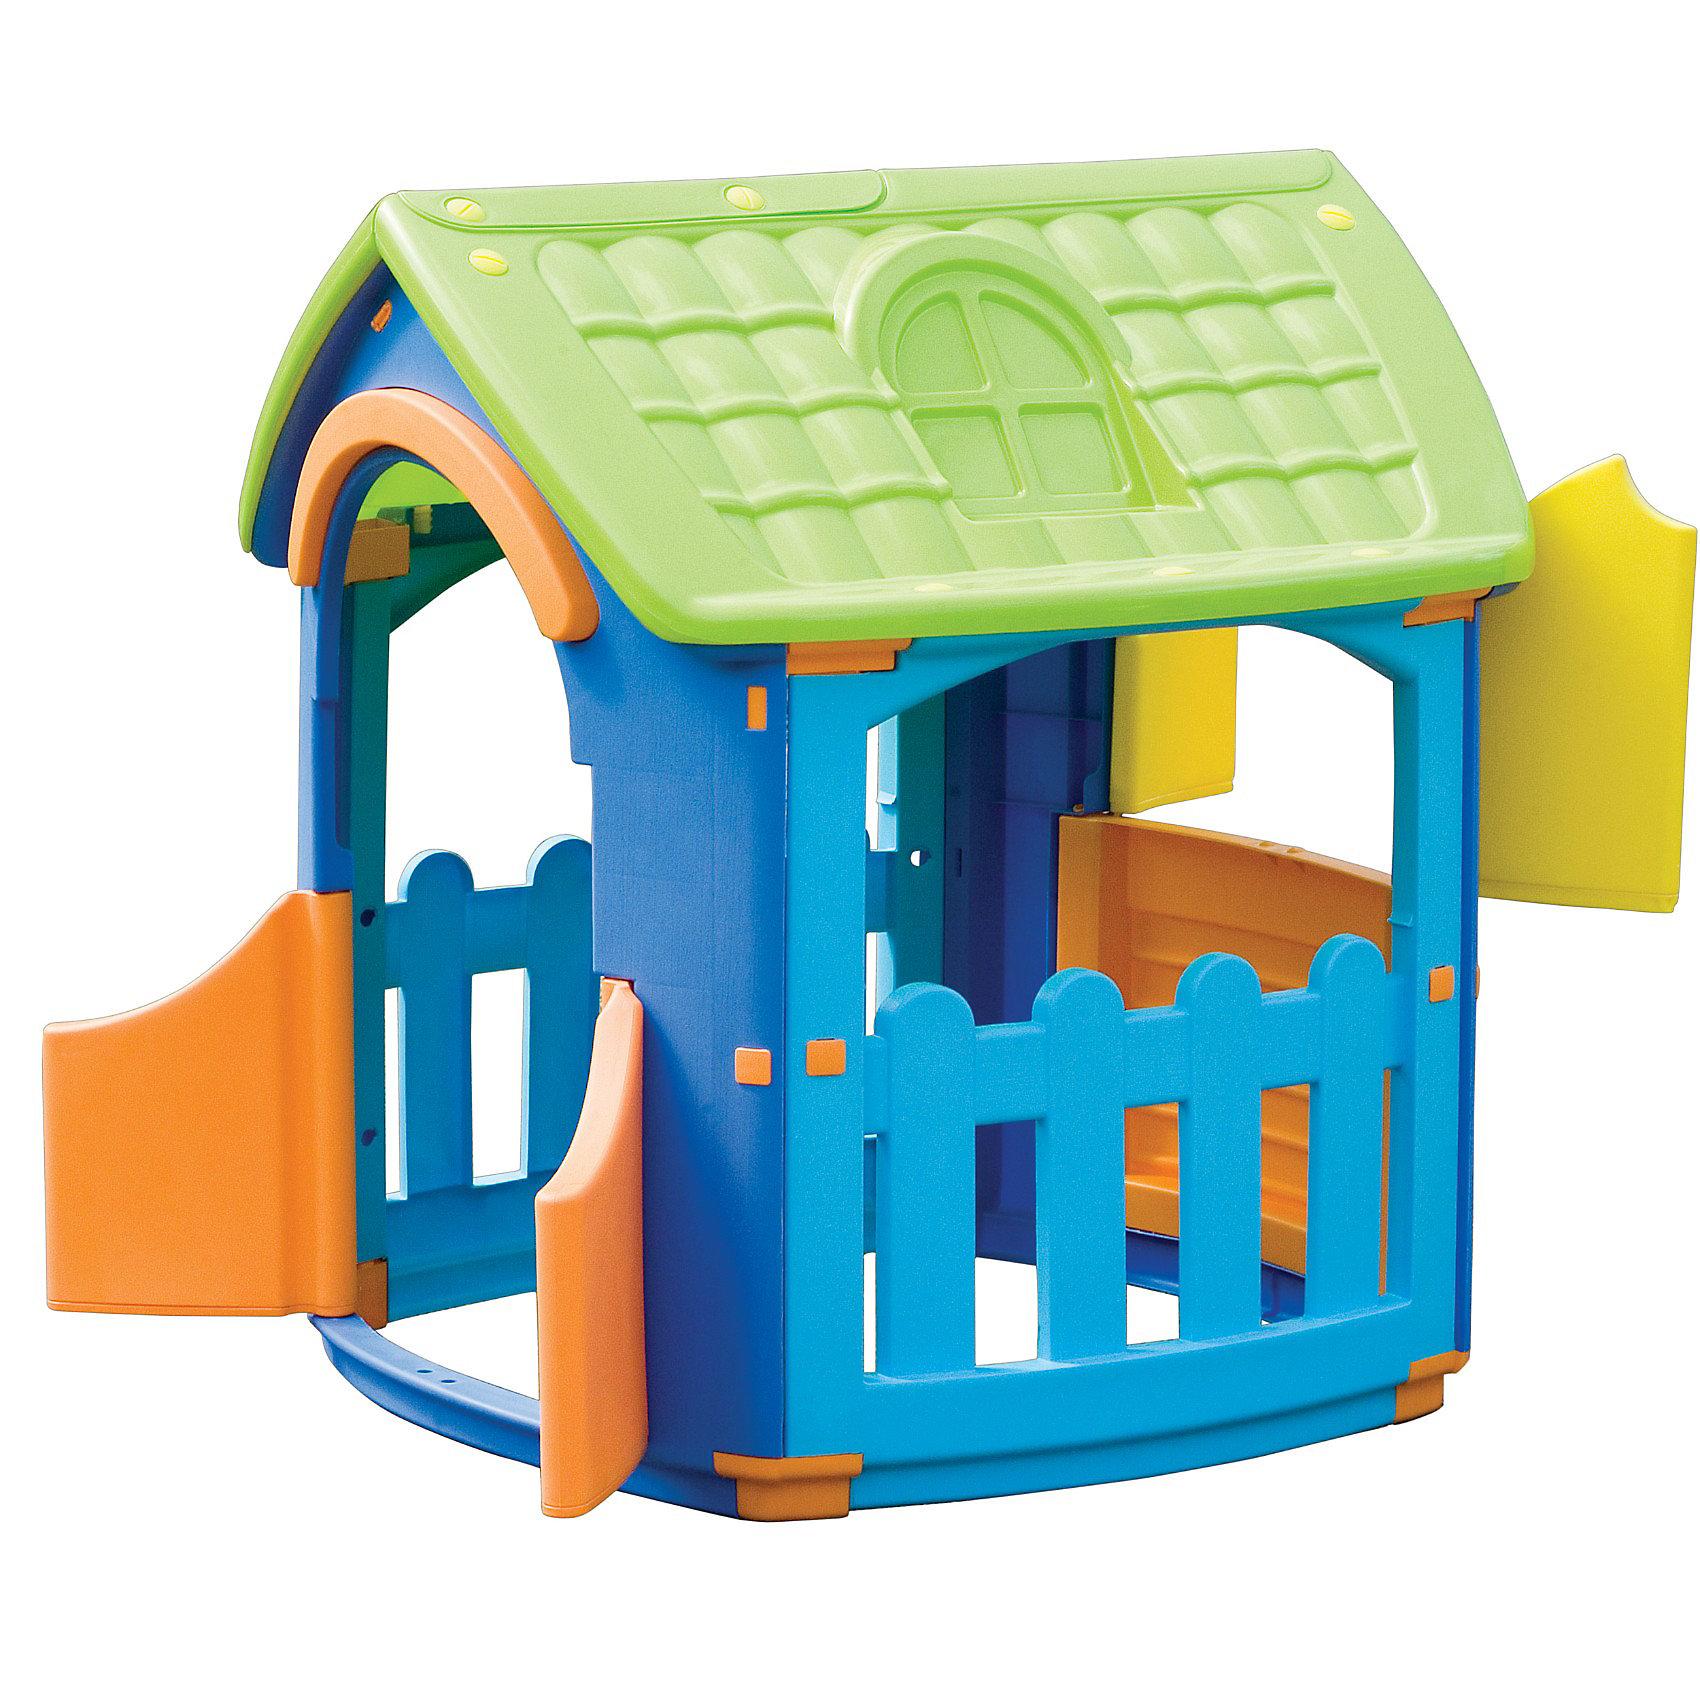 Marianplast Домик разборныйДомики и мебель<br>Пластиковый игровой разборный домик от Marian Plast идеален для летнего отдыха на даче и подходит для игры, как в помещении, так и на свежем воздухе.<br><br>Это одна из самых популярных моделей — яркая и компактная, устойчивая и надежная. <br>В домике вход с двумя дверками, три больших окошка: одно со ставенками и два на террасе.<br>Домик легко собирается без использования инструментов, детали соединяются и закрепляются специальными пластиковыми гайками, которые входят в комплект.<br>Пластиковый игровой разборный домик Marian Plast сделан из современных нетоксичных материалов с соблюдением европейского стандарта качества и безопасности.<br><br>Дополнительная информация:<br>- Габариты: 101x105x110,5 см <br>- Вес: 12.47 кг.<br><br>  В этом домике ваш малыш не только будет увлеченно играть, но и сможет принимать гостей. Домик стимулирует малыша к движению, развивает воображение и стратегическое мышление.<br><br>Ширина мм: 1010<br>Глубина мм: 1050<br>Высота мм: 1105<br>Вес г: 15500<br>Возраст от месяцев: 18<br>Возраст до месяцев: 144<br>Пол: Унисекс<br>Возраст: Детский<br>SKU: 2442785